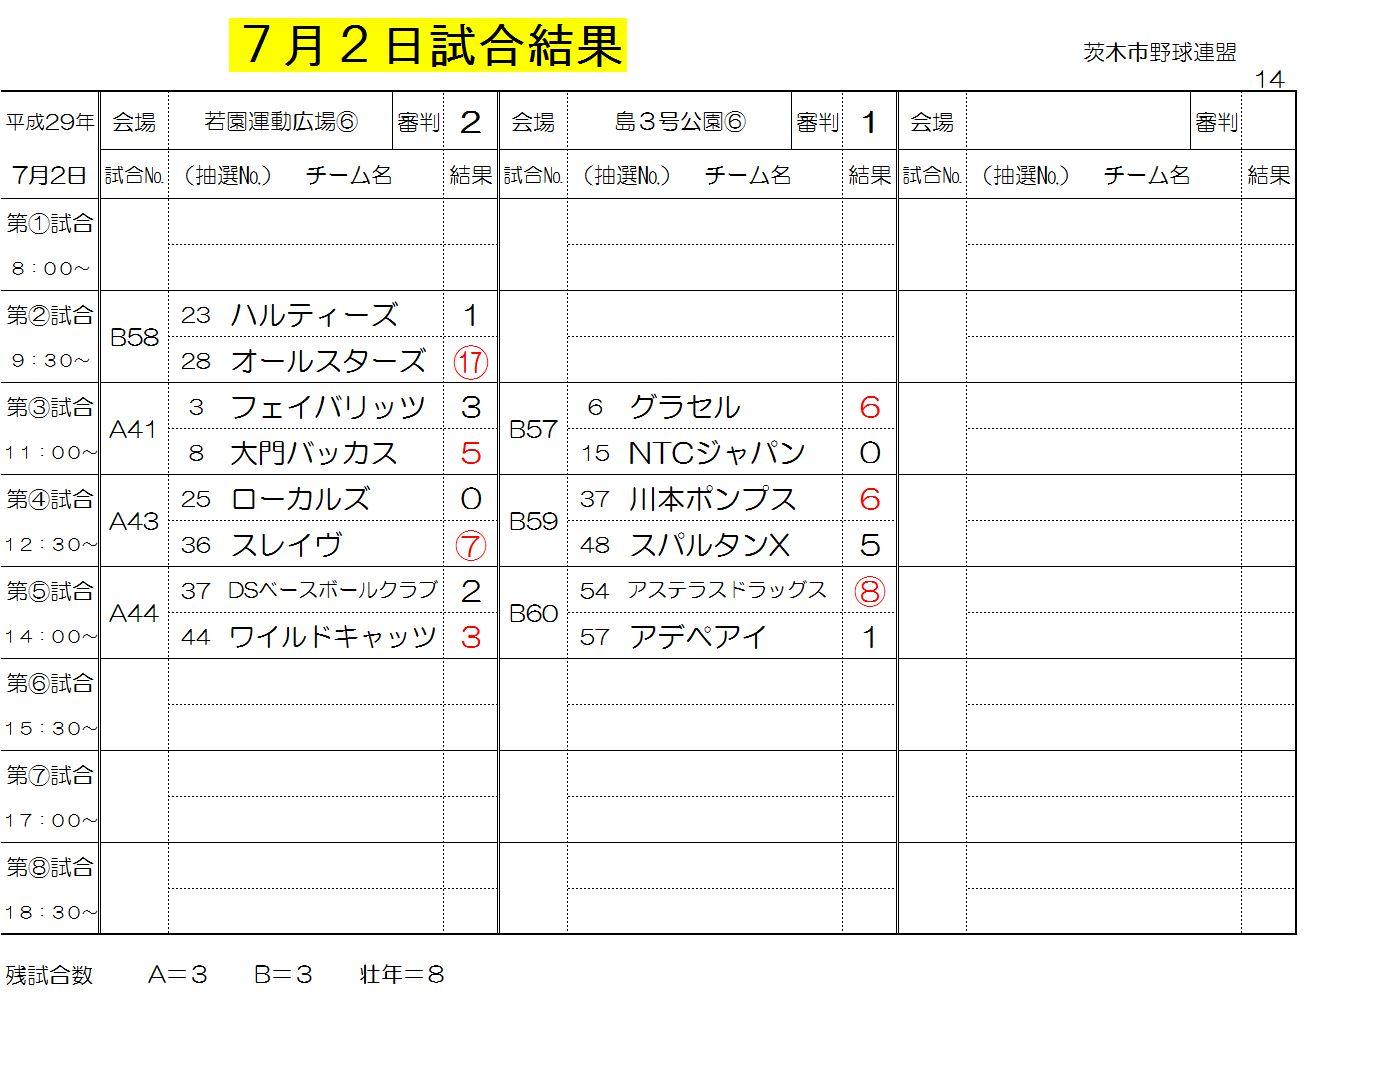 7月2日試合結果